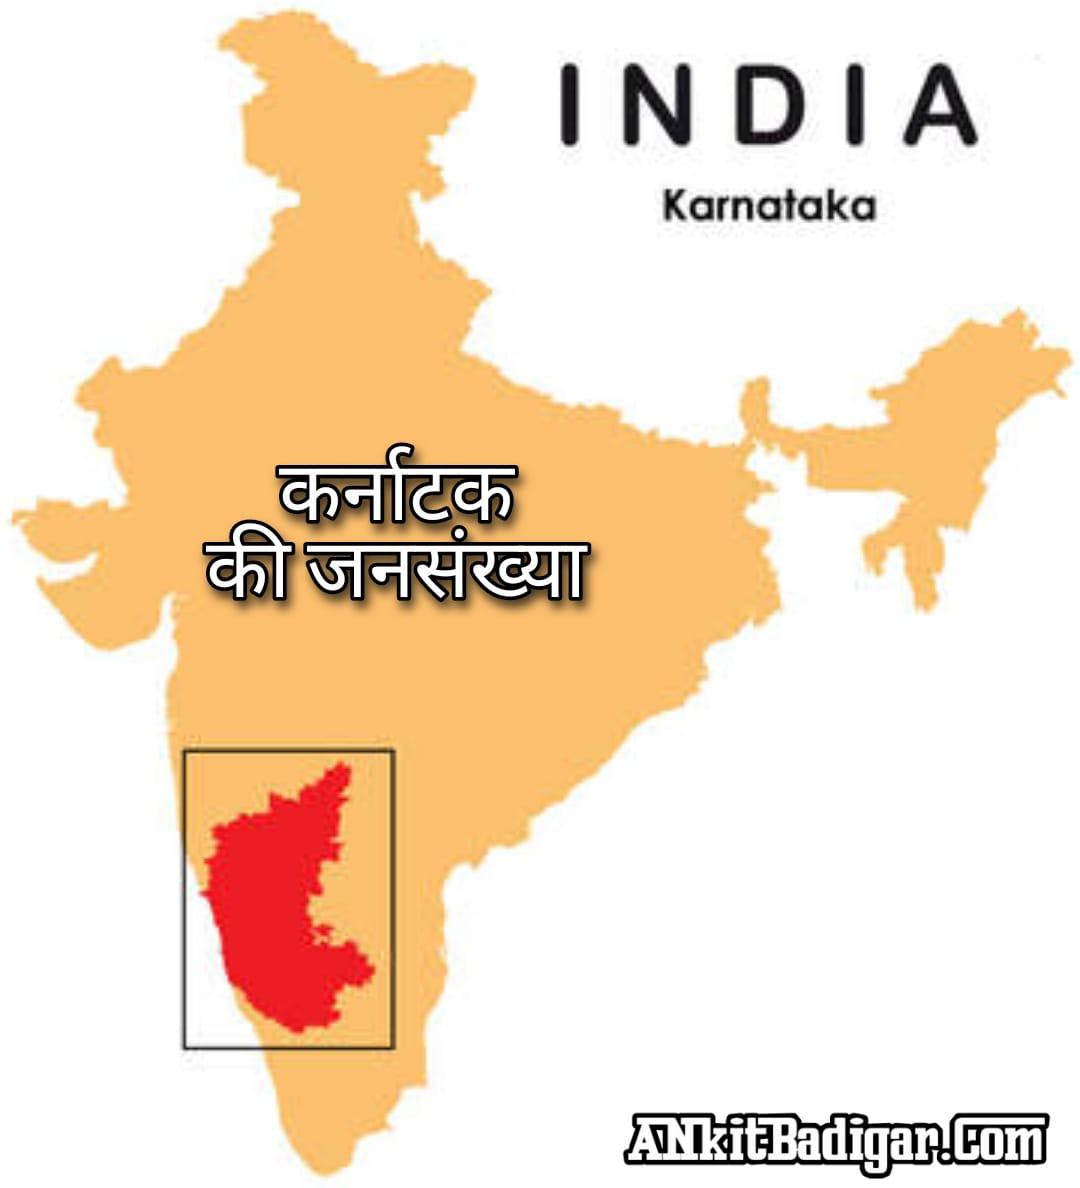 Karnataka Ki Jansankhya